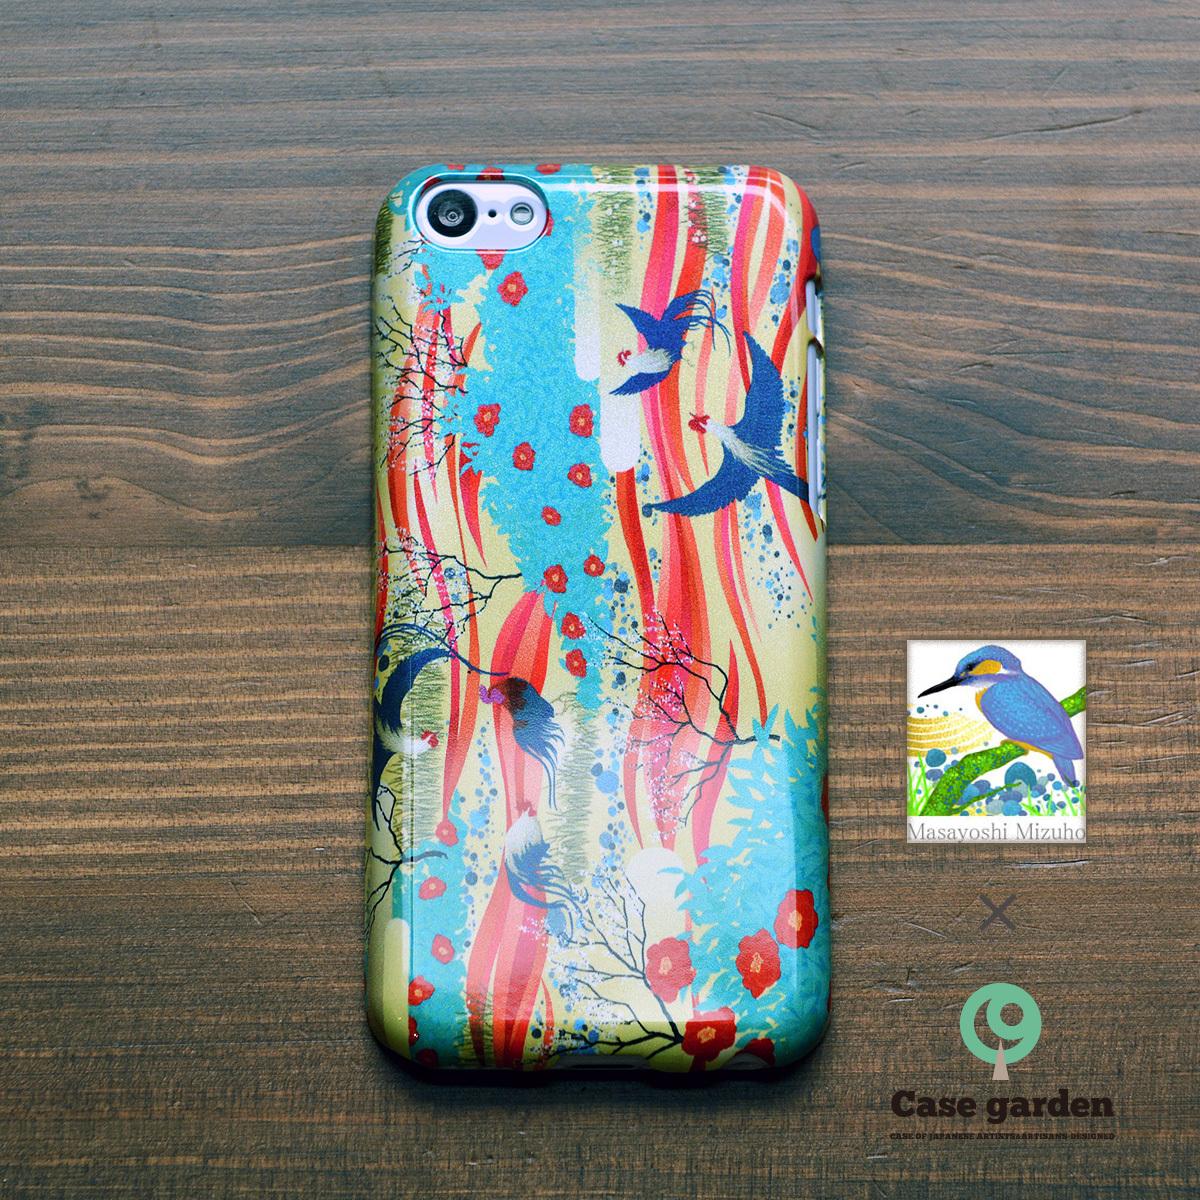 【限定色】iphone5c ケース 和柄 iphone5c ケース キラキラ アイフォン5c ハードケース 円舞/Masayoshi Mizuho×ケースガーデン